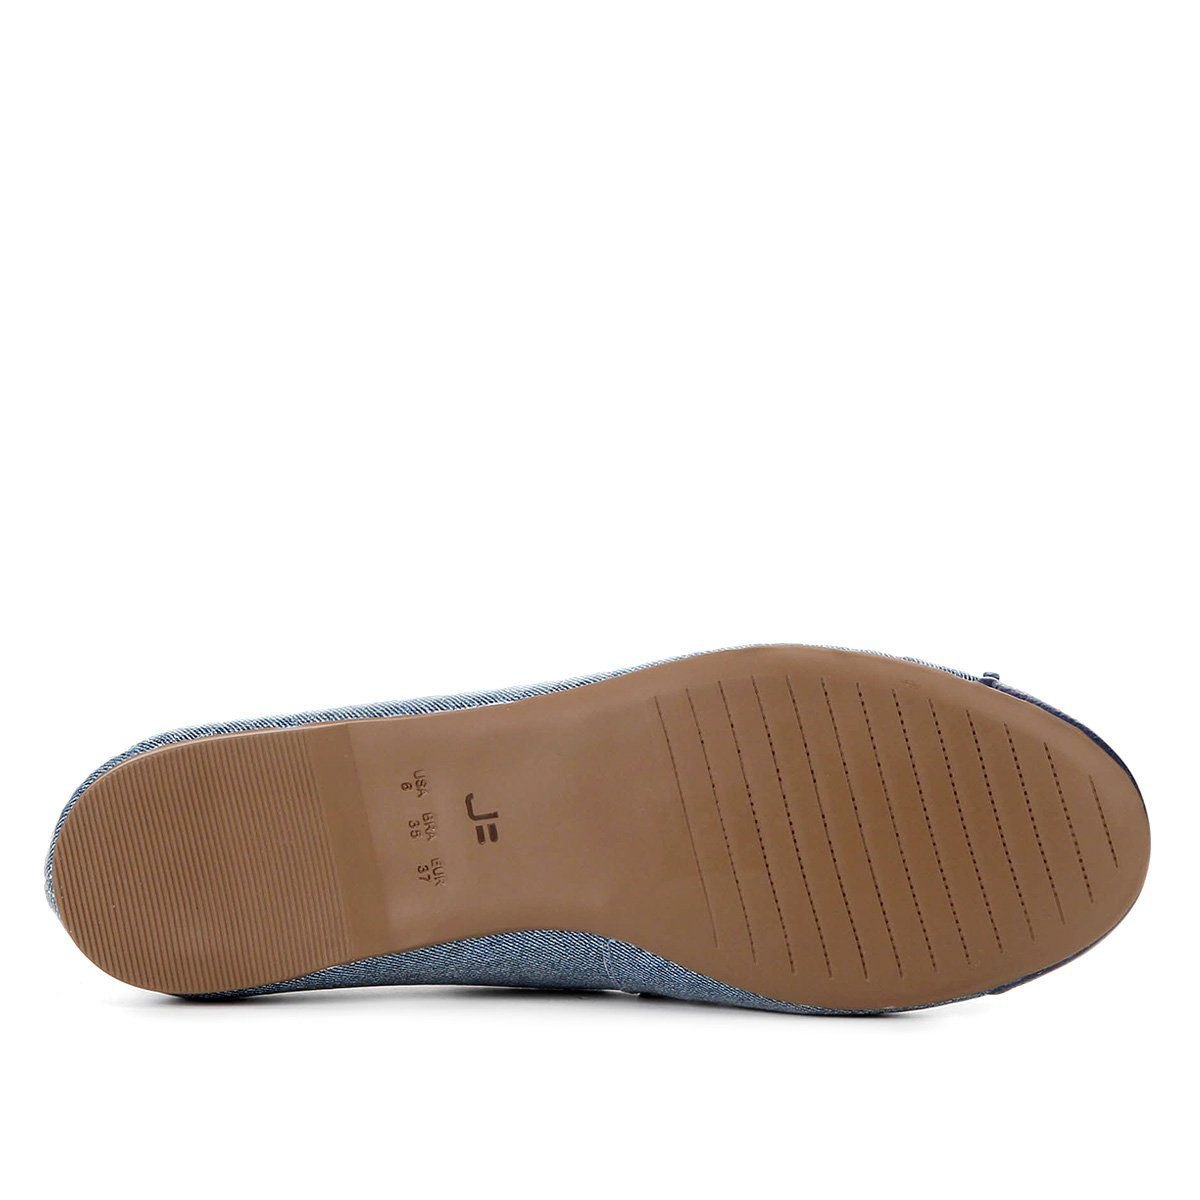 Sapatilha Jeans Jorge Bischoff V20